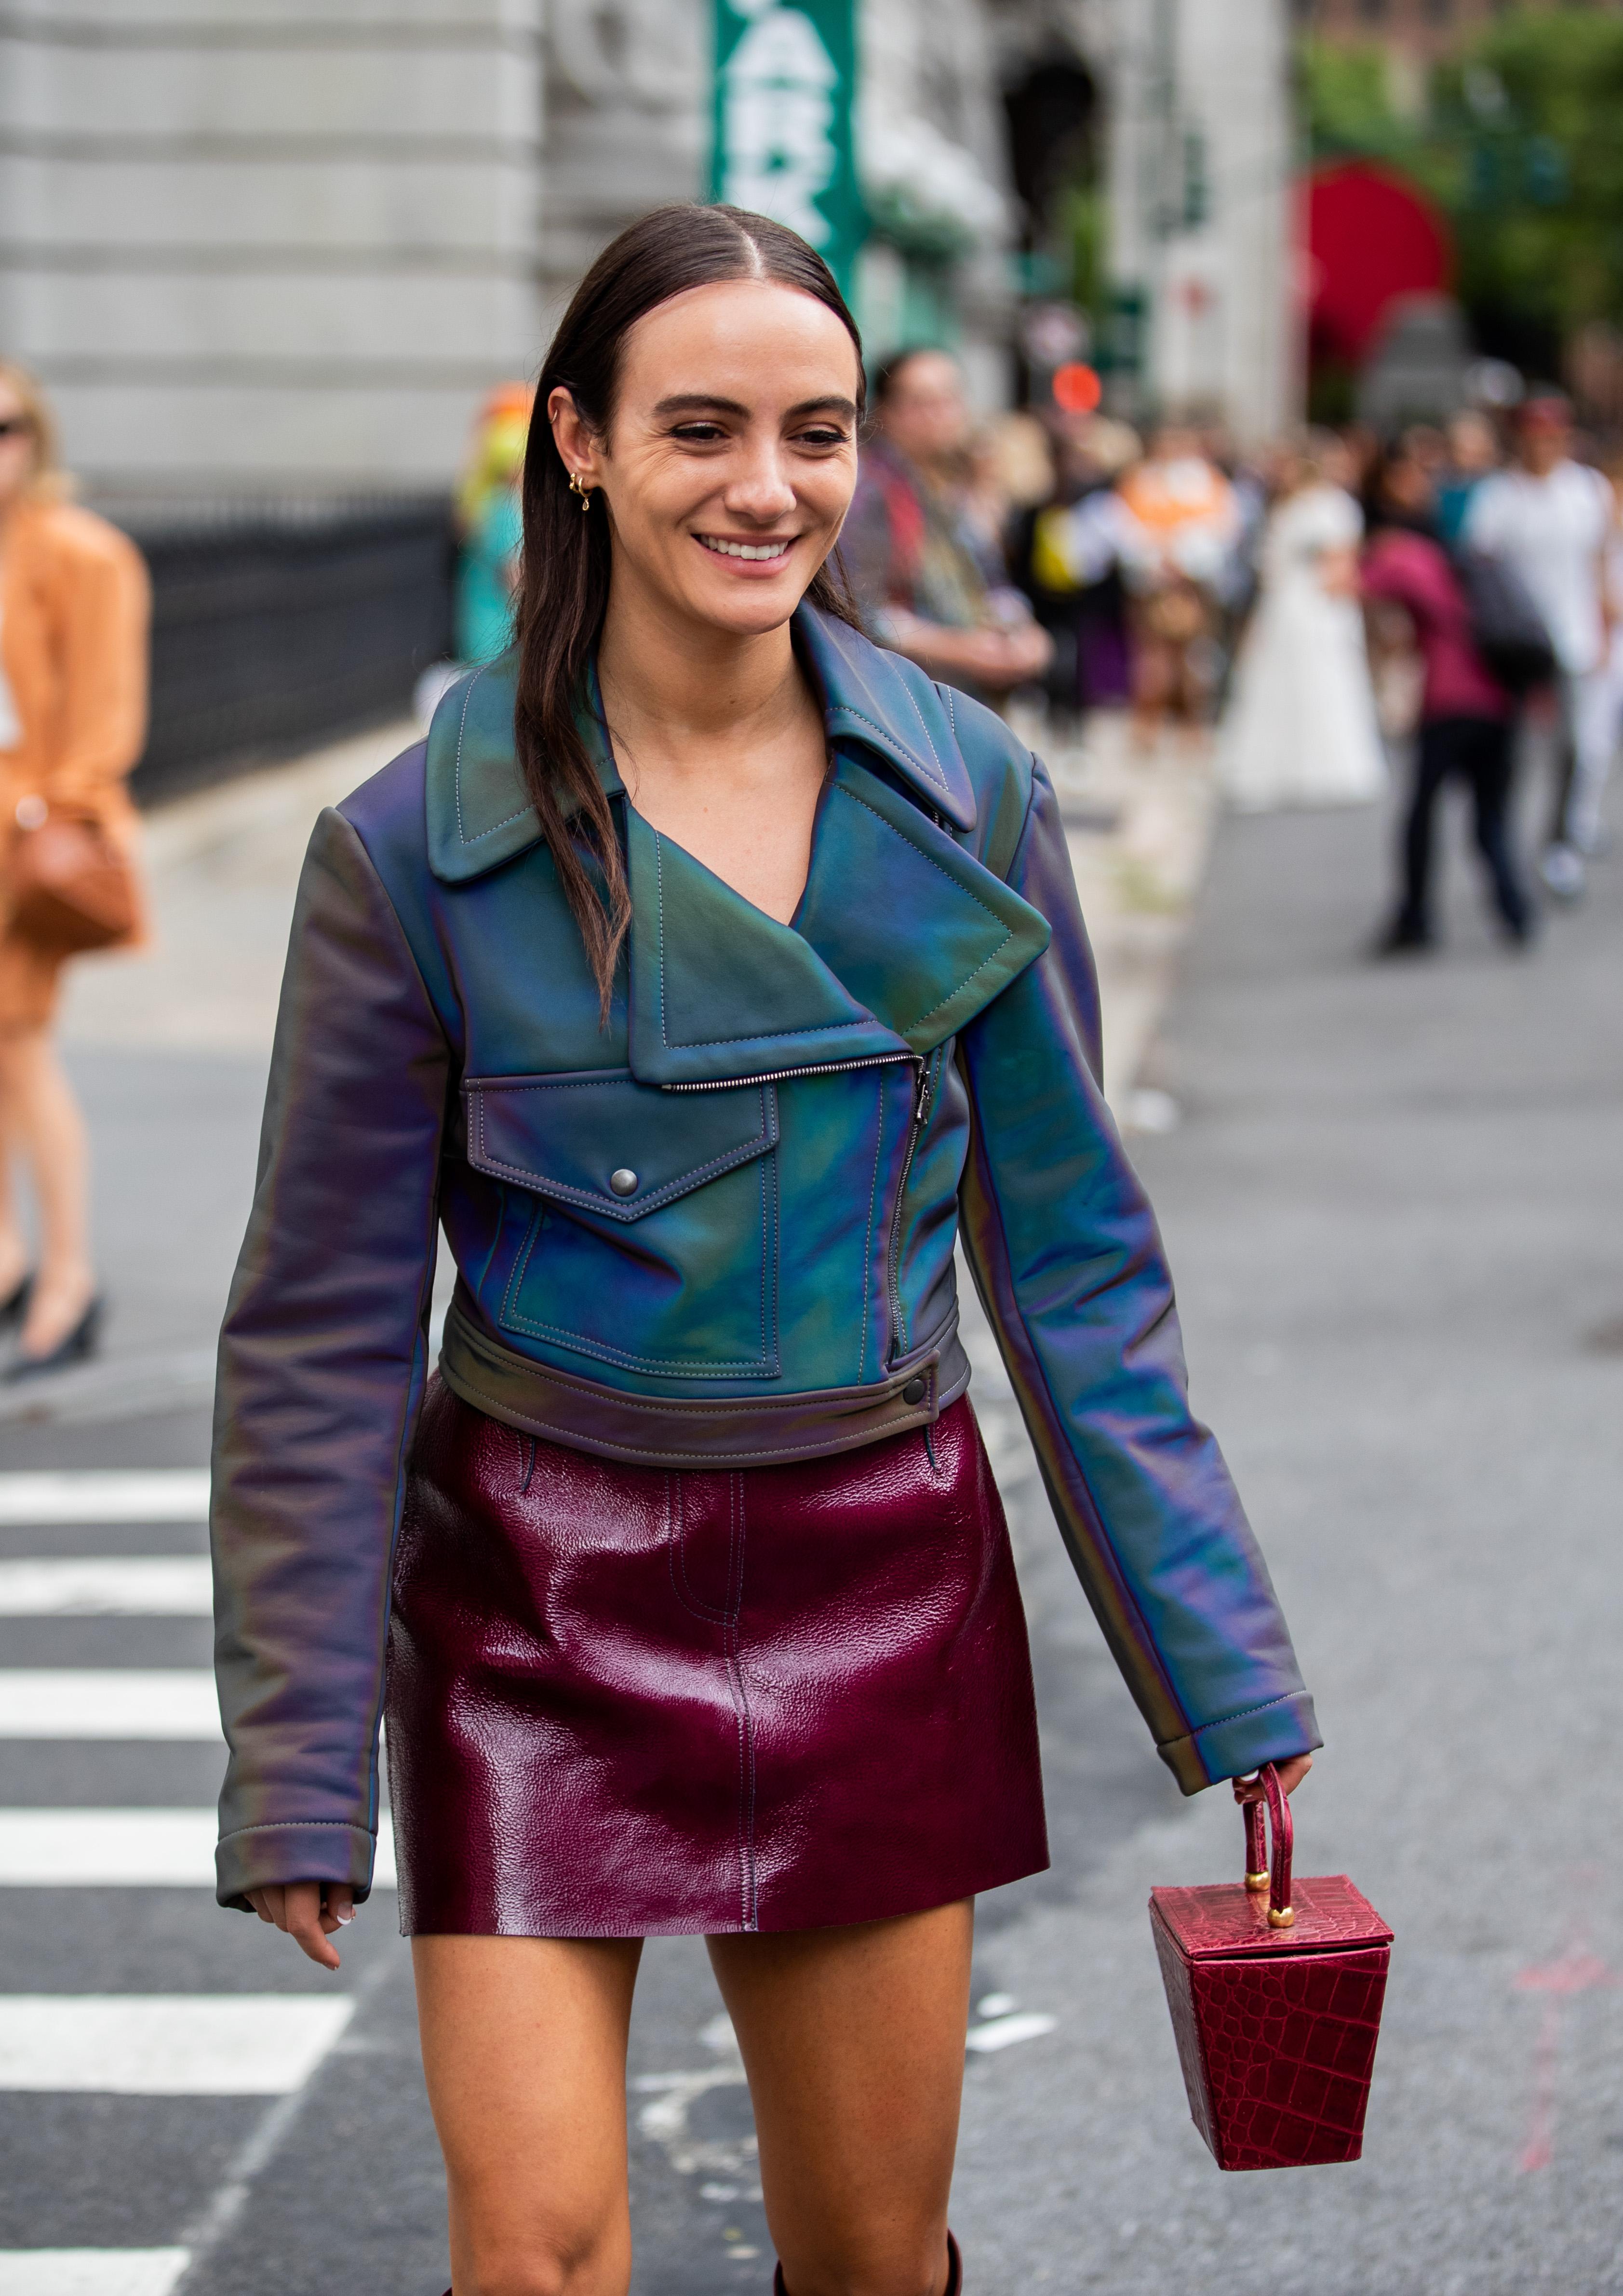 オーロラカーラのライダース×ワインレッドのミニ丈スカートは、シンプルな組み合わせだからこそカラーリングで魅了して。1点1点アイテムに存在感があるからアクセサリーは最低限でOK。